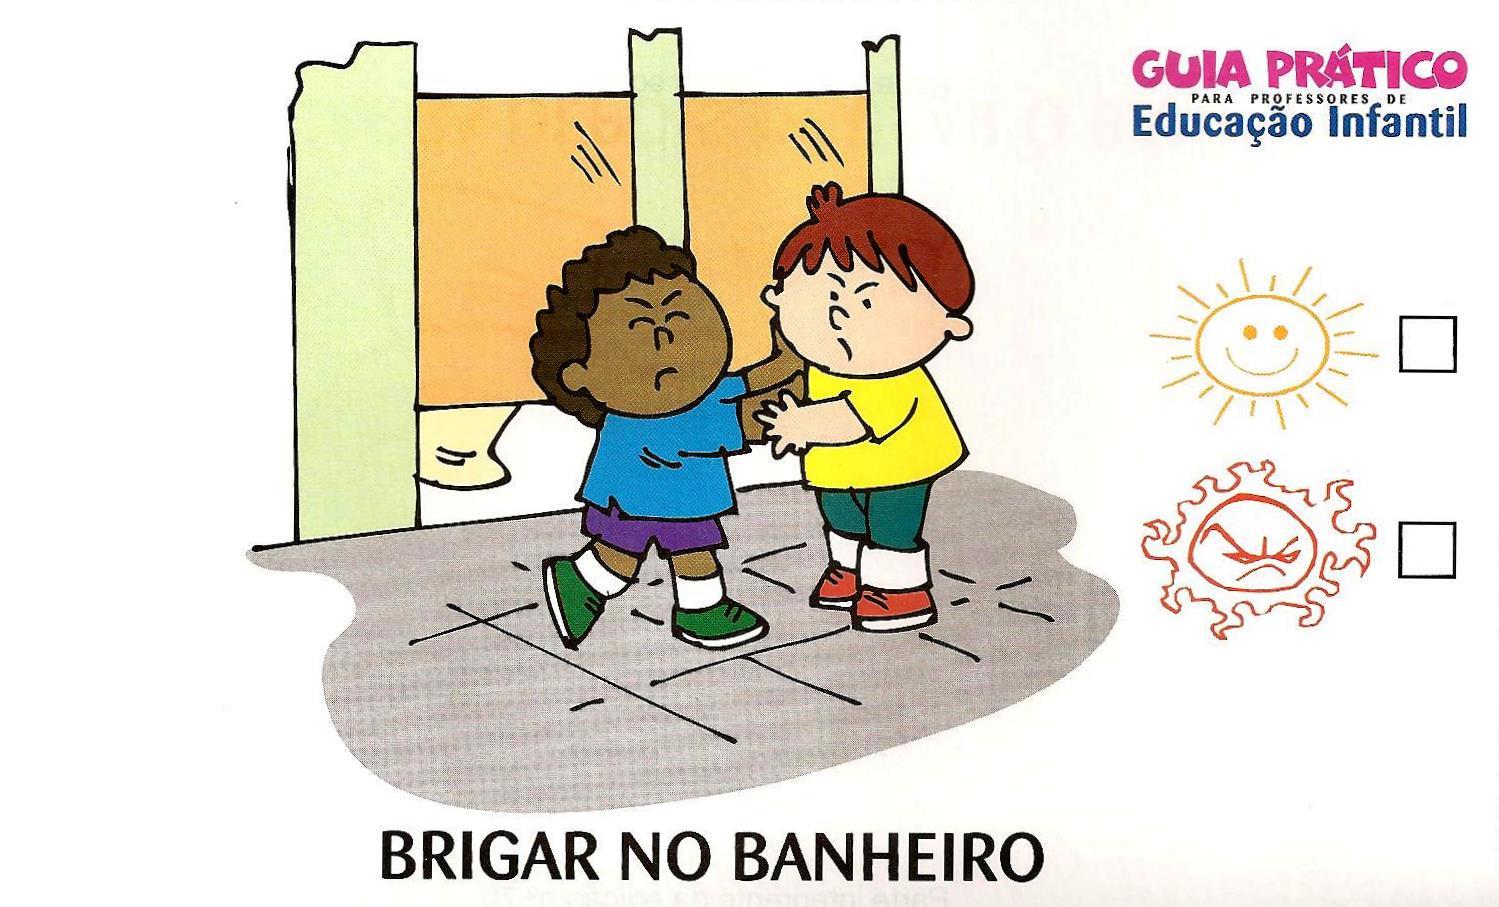 #C6C005 Regrinhas para banheiro Guia prático para professores de Educação  1499x907 px Banheiro Para Deficiente Regras 2545